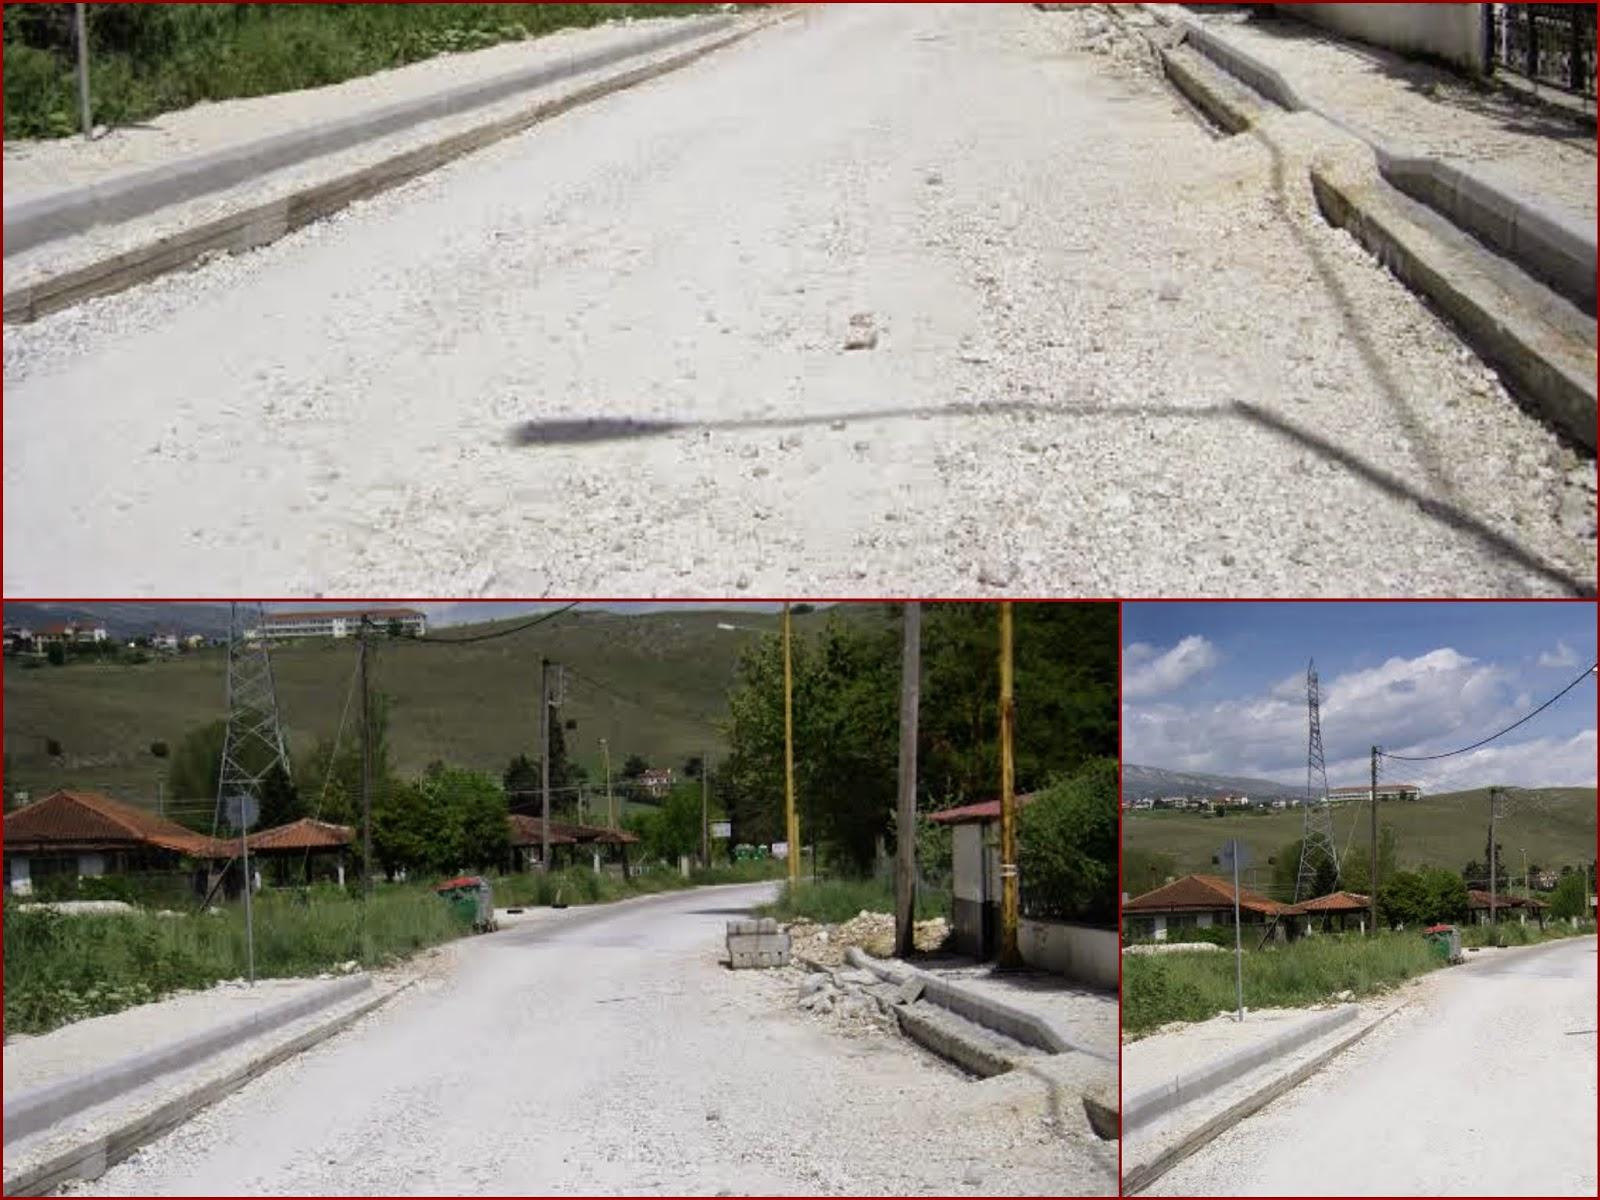 ΓΙΑΝΝΕΝΑ-Στοίχειωσε για έξι (6) μήνες το έργο ανακατασκευής της Αδαμαντίου Κασιούμη στο Σταυράκι!